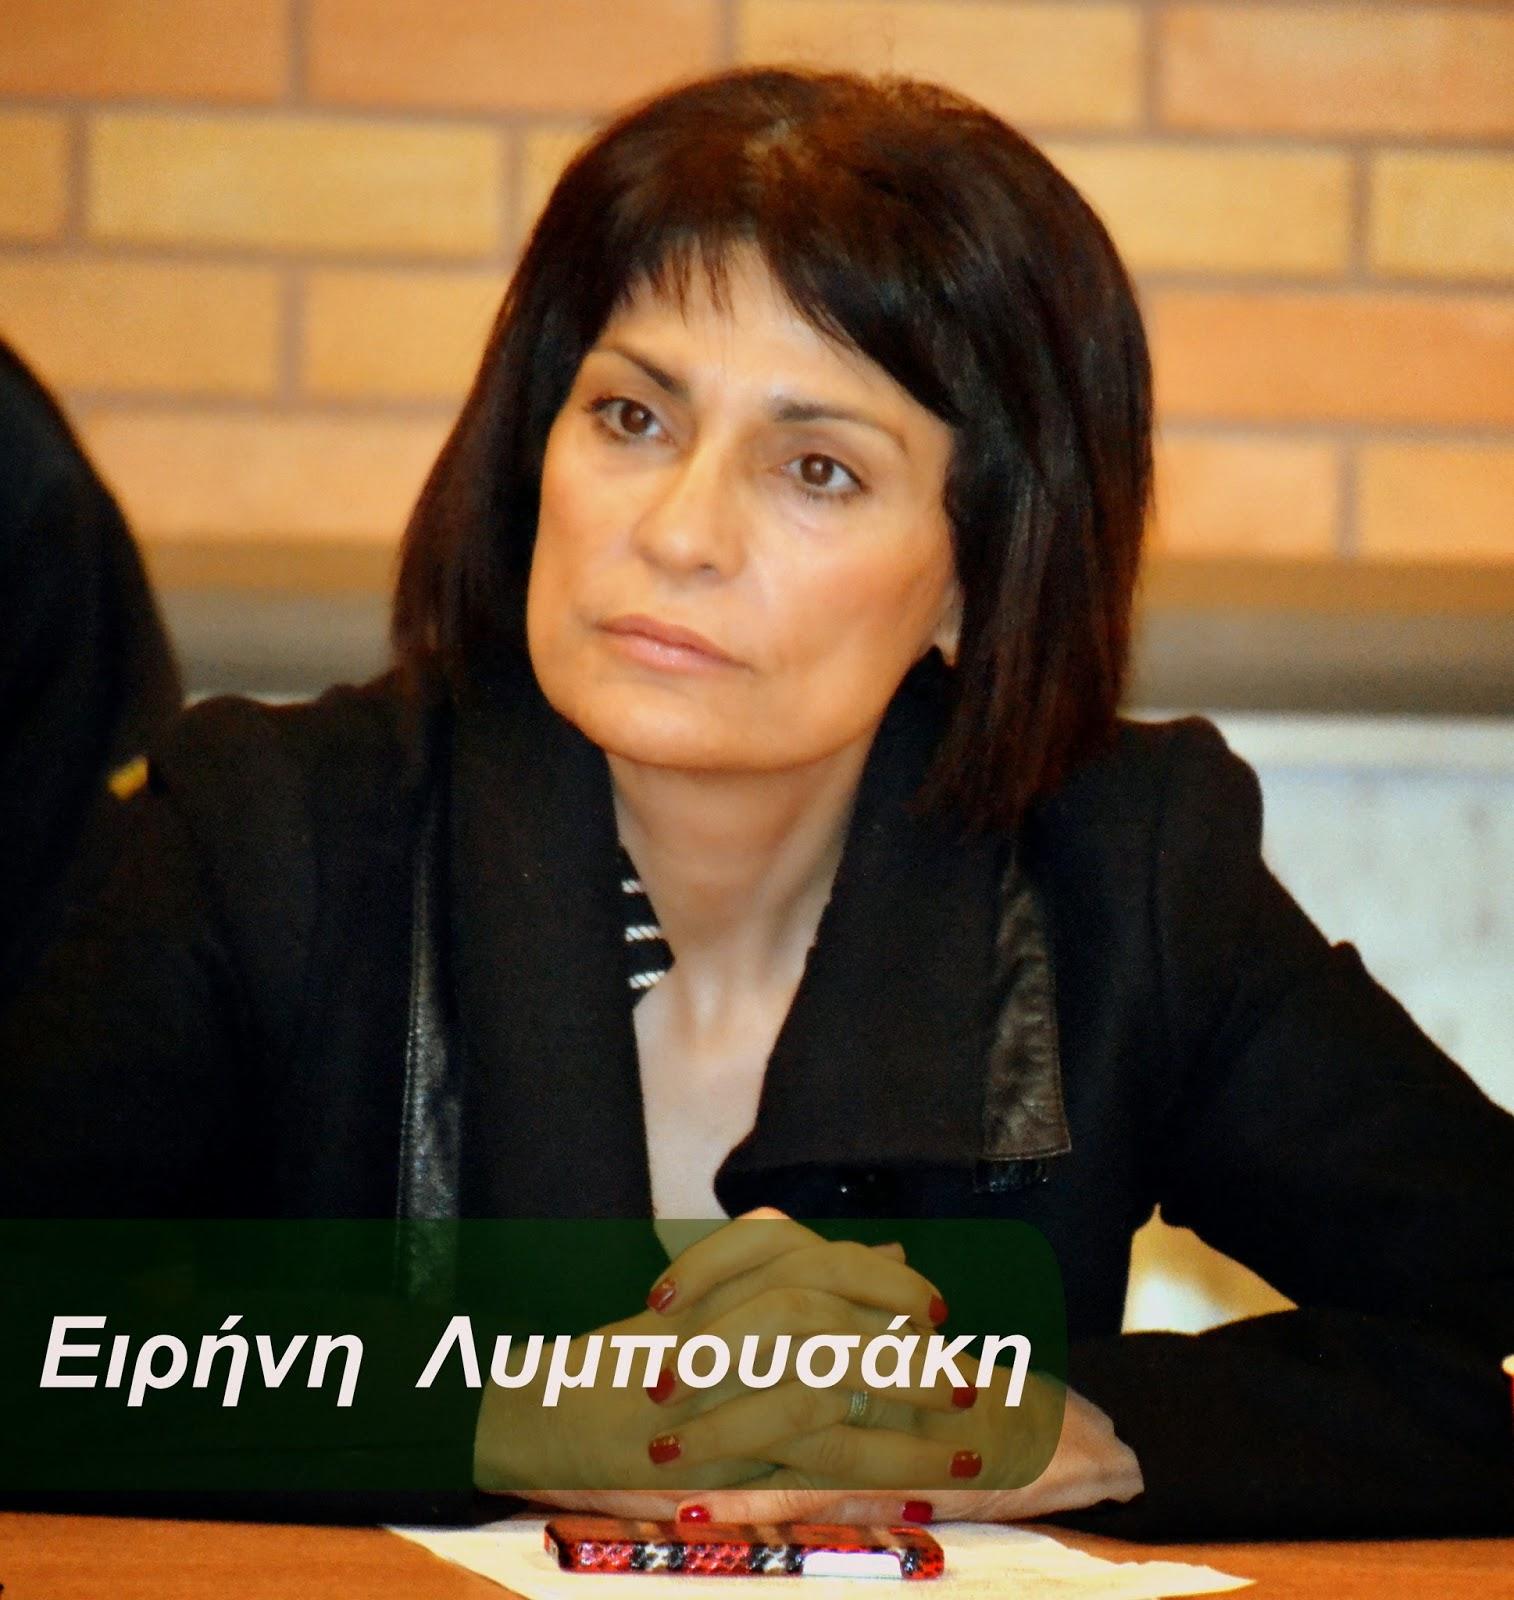 Νέα Αντιπρόεδρος του Δημ. Συμβουλίου Χαϊδαρίου η Ειρήνη Λυμπουσάκη